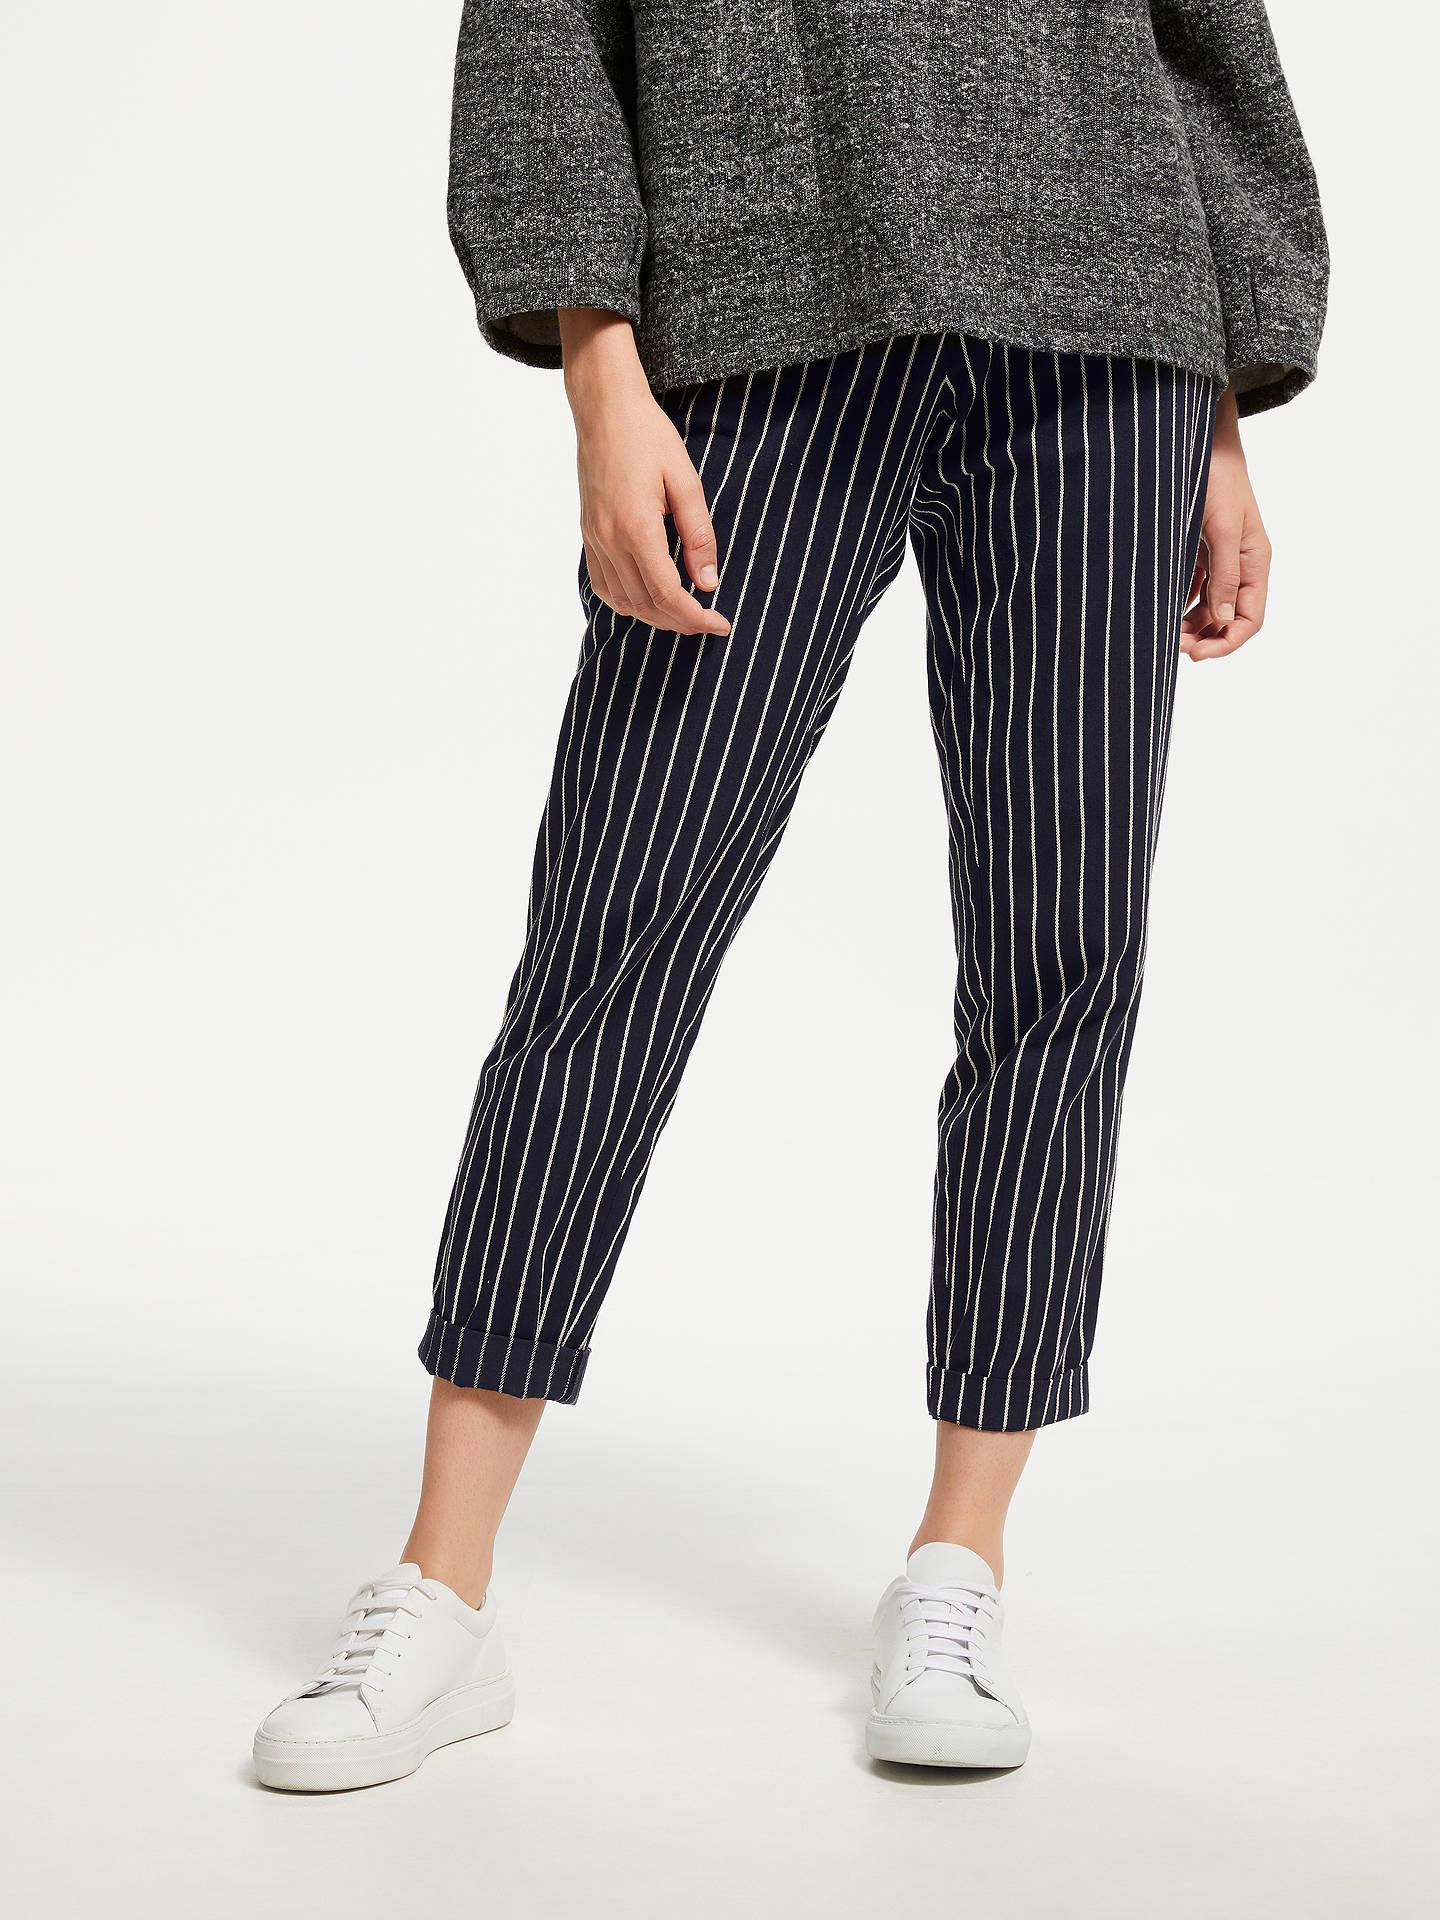 84329718fe Buy People Tree Corin Pinstripe Trousers